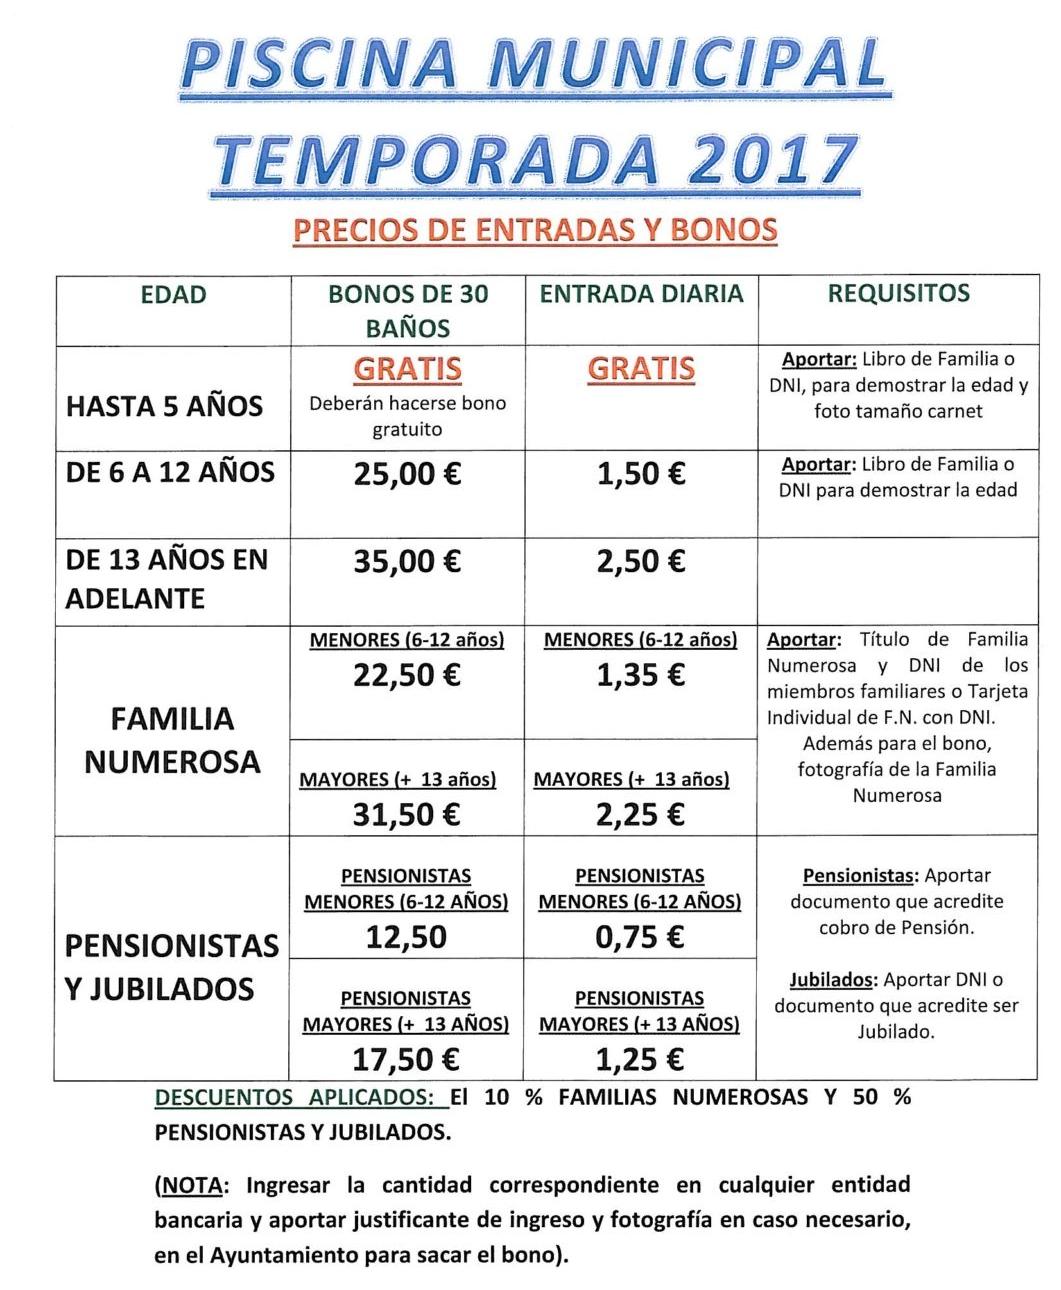 Excmo ayuntamiento de navalvillar de pela precios de for Precio piscina municipal madrid 2017